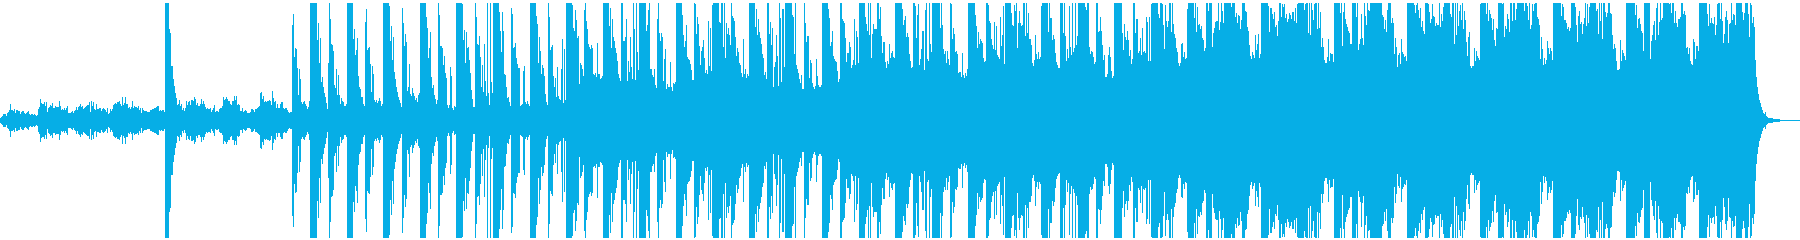 ホラー用 暗く重たいストリングスの再生済みの波形